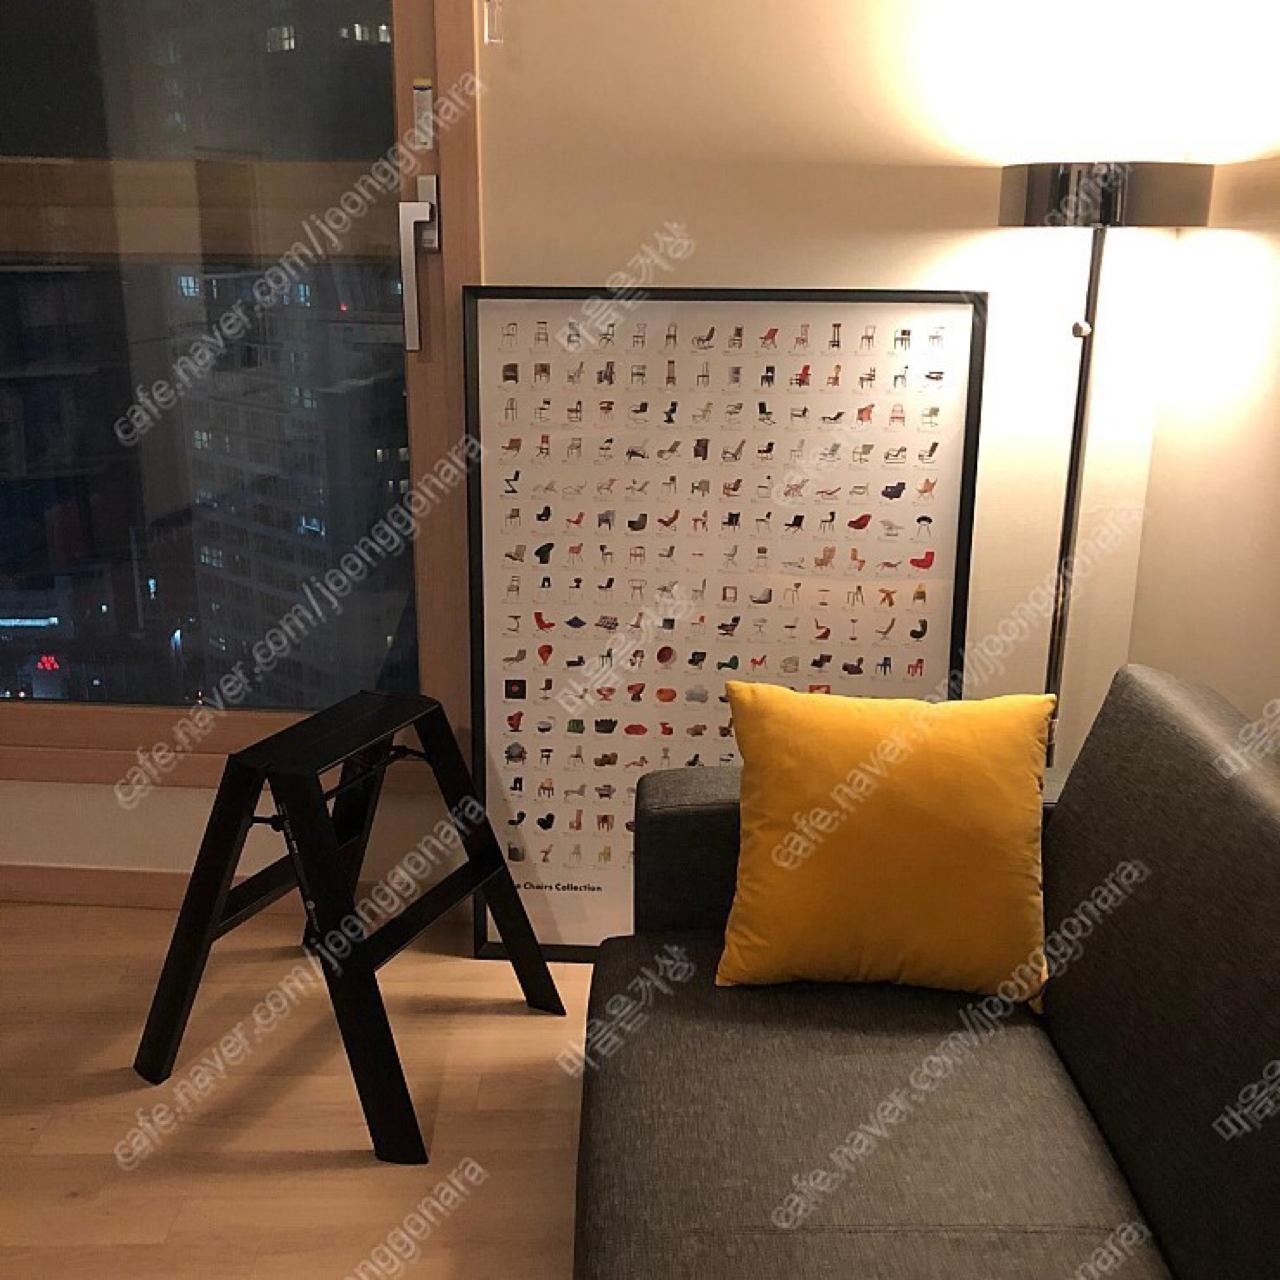 [3인소파] 1650사이즈 쇼파침대 디자인, 공간효율성 최고!!